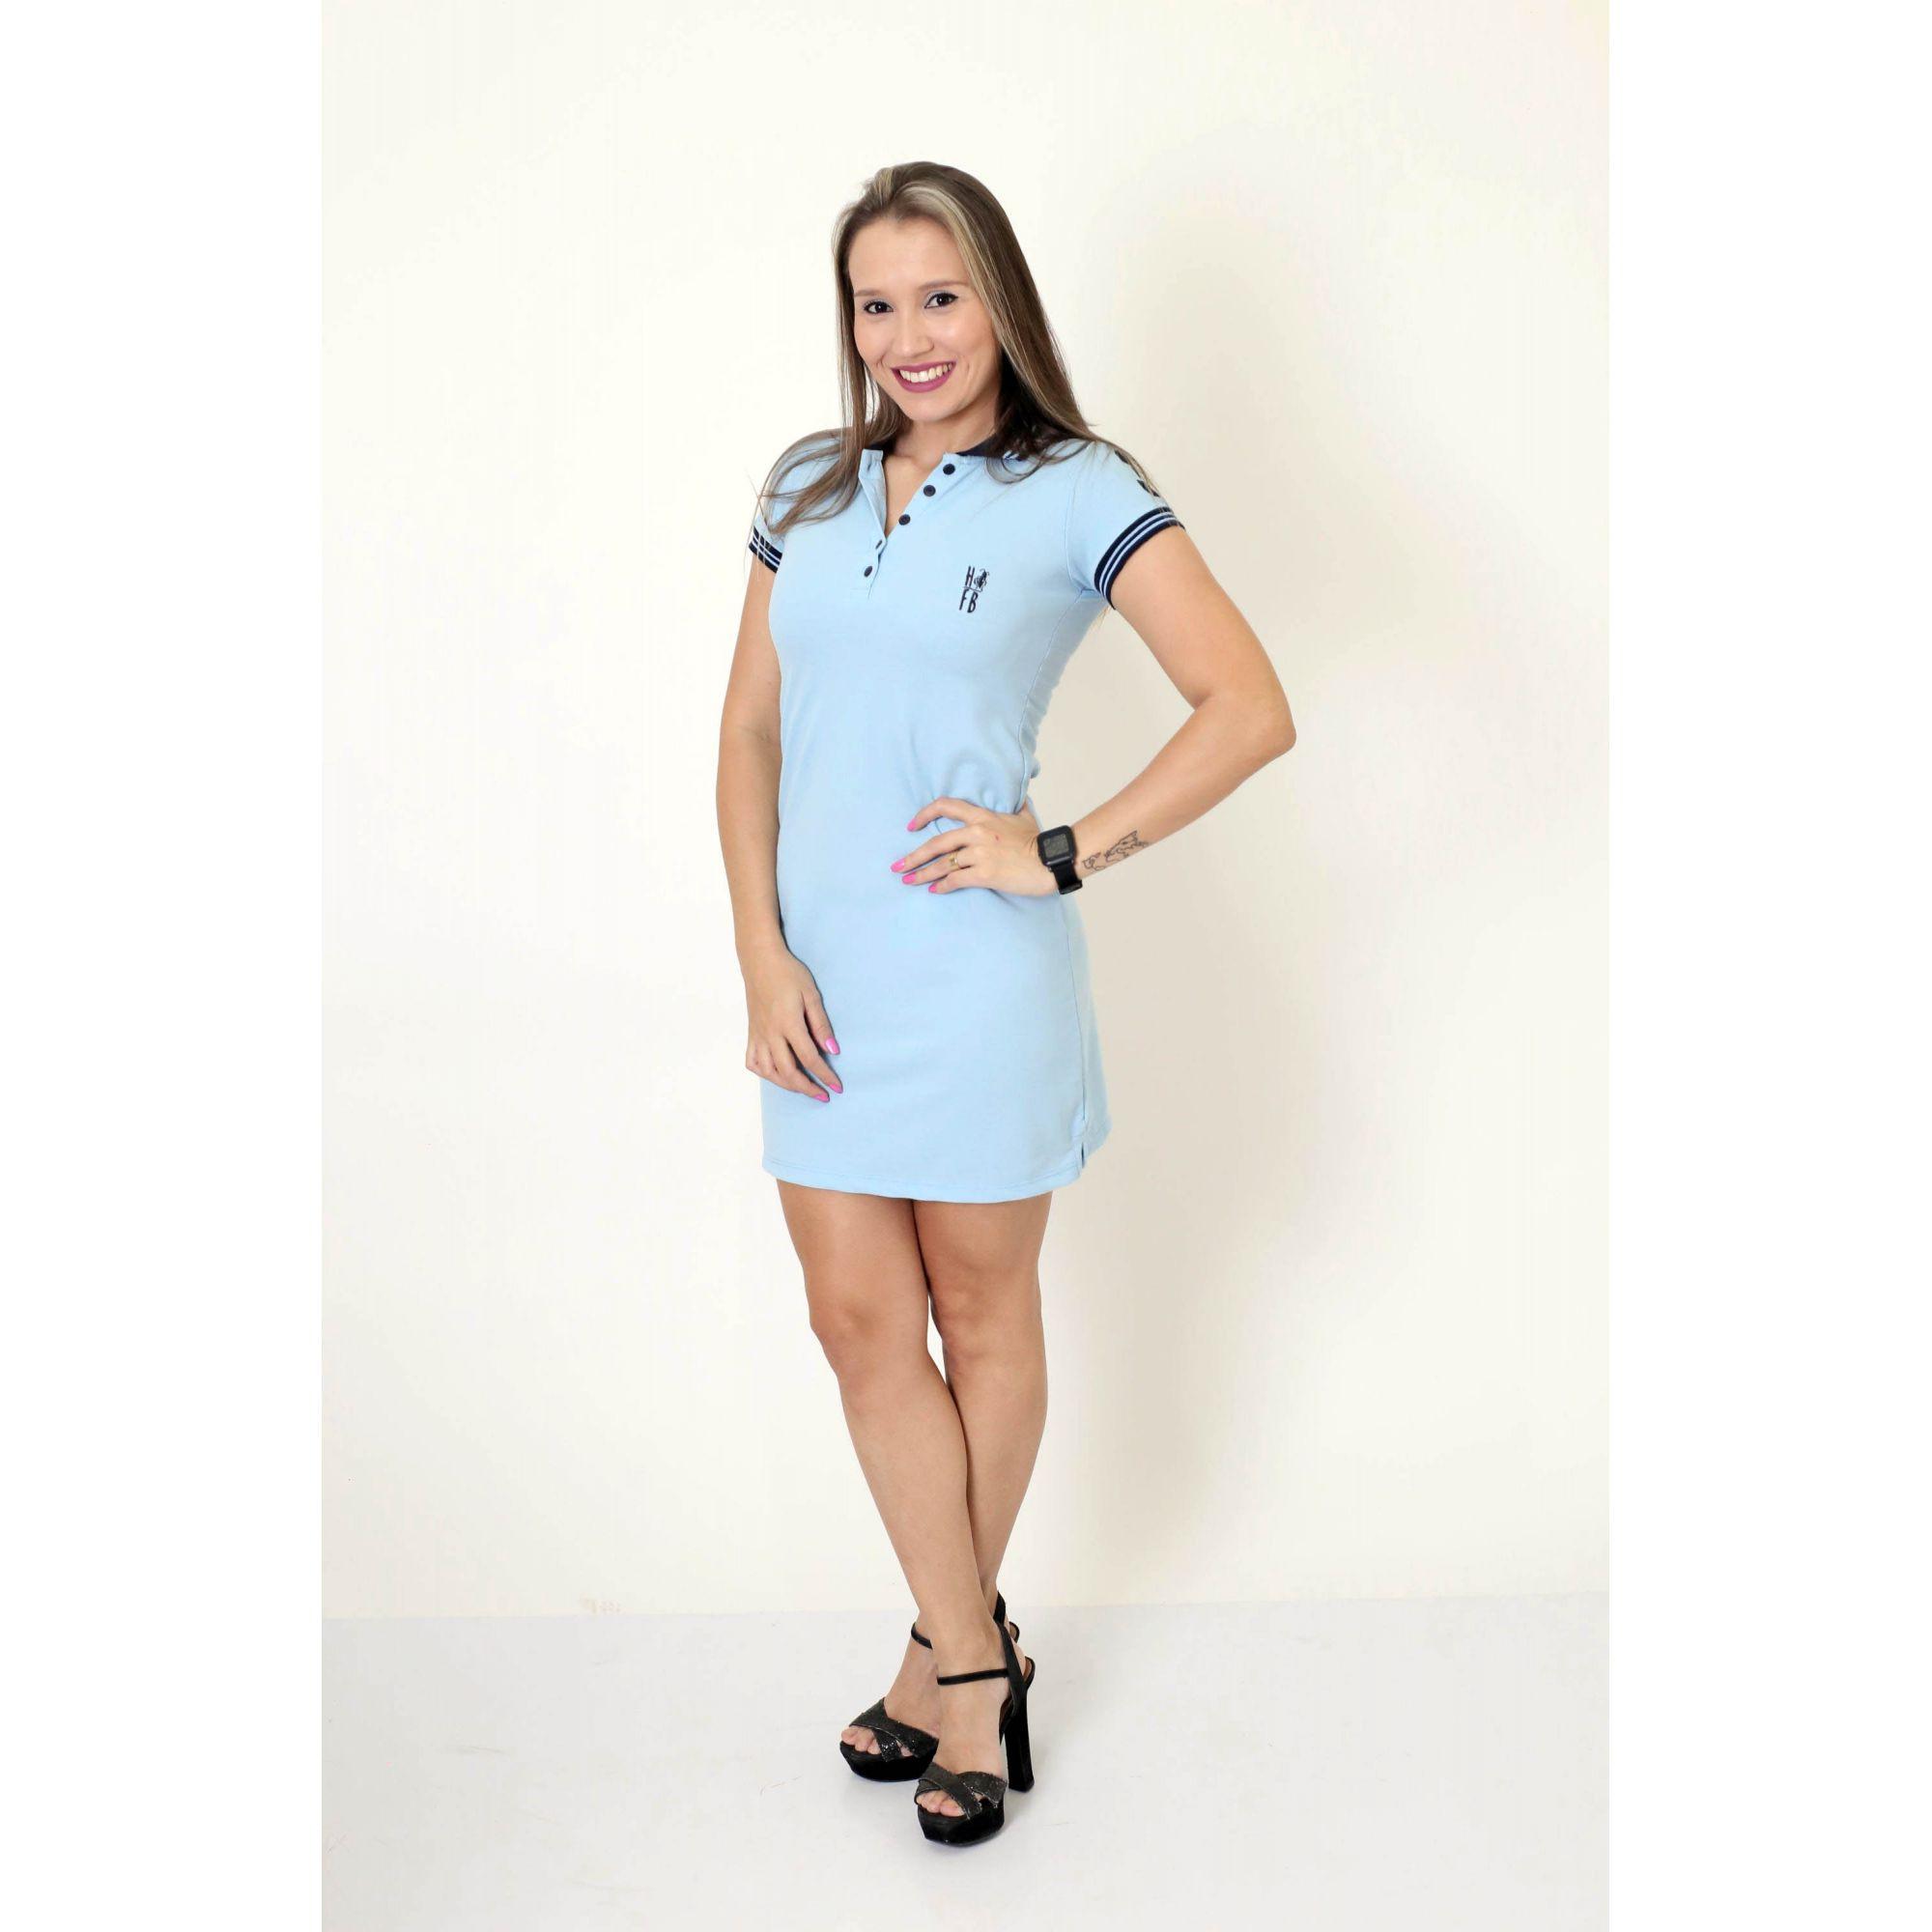 MÃE E FILHO > Kit 02 peças Vestido e Camisa ou Body Polo Infantil Azul Nobreza [Coleção Tal Mãe Tal Filho]  - Heitor Fashion Brazil